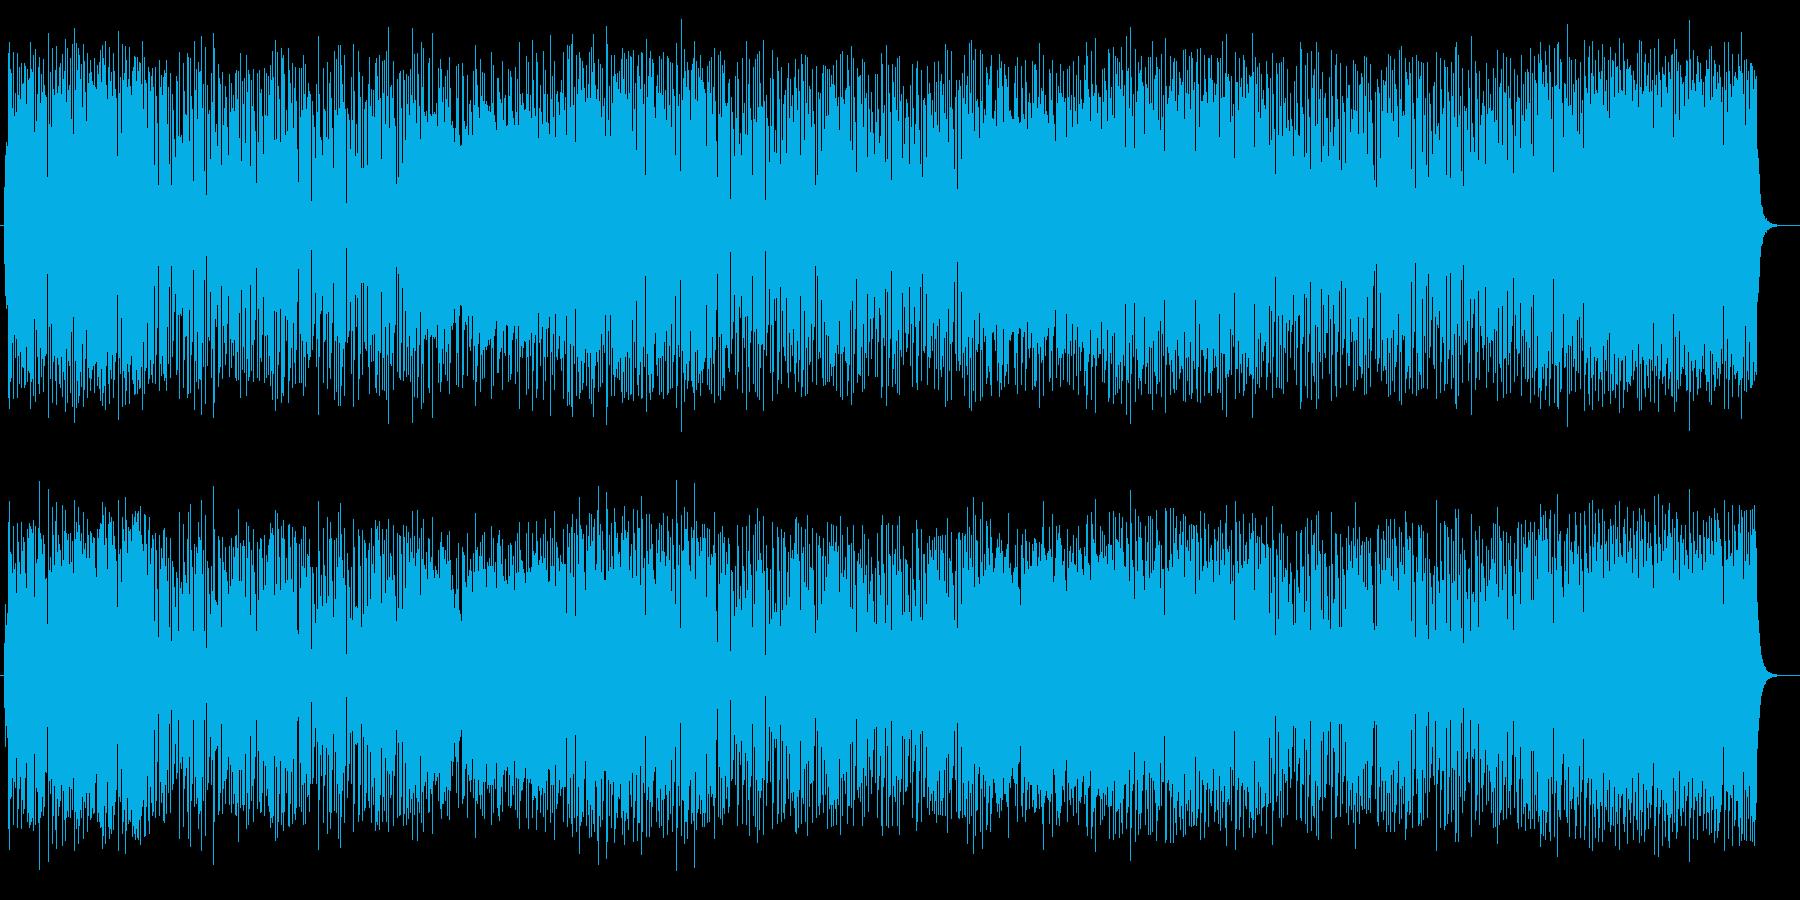 楽しい雰囲気のピアノポップスの再生済みの波形